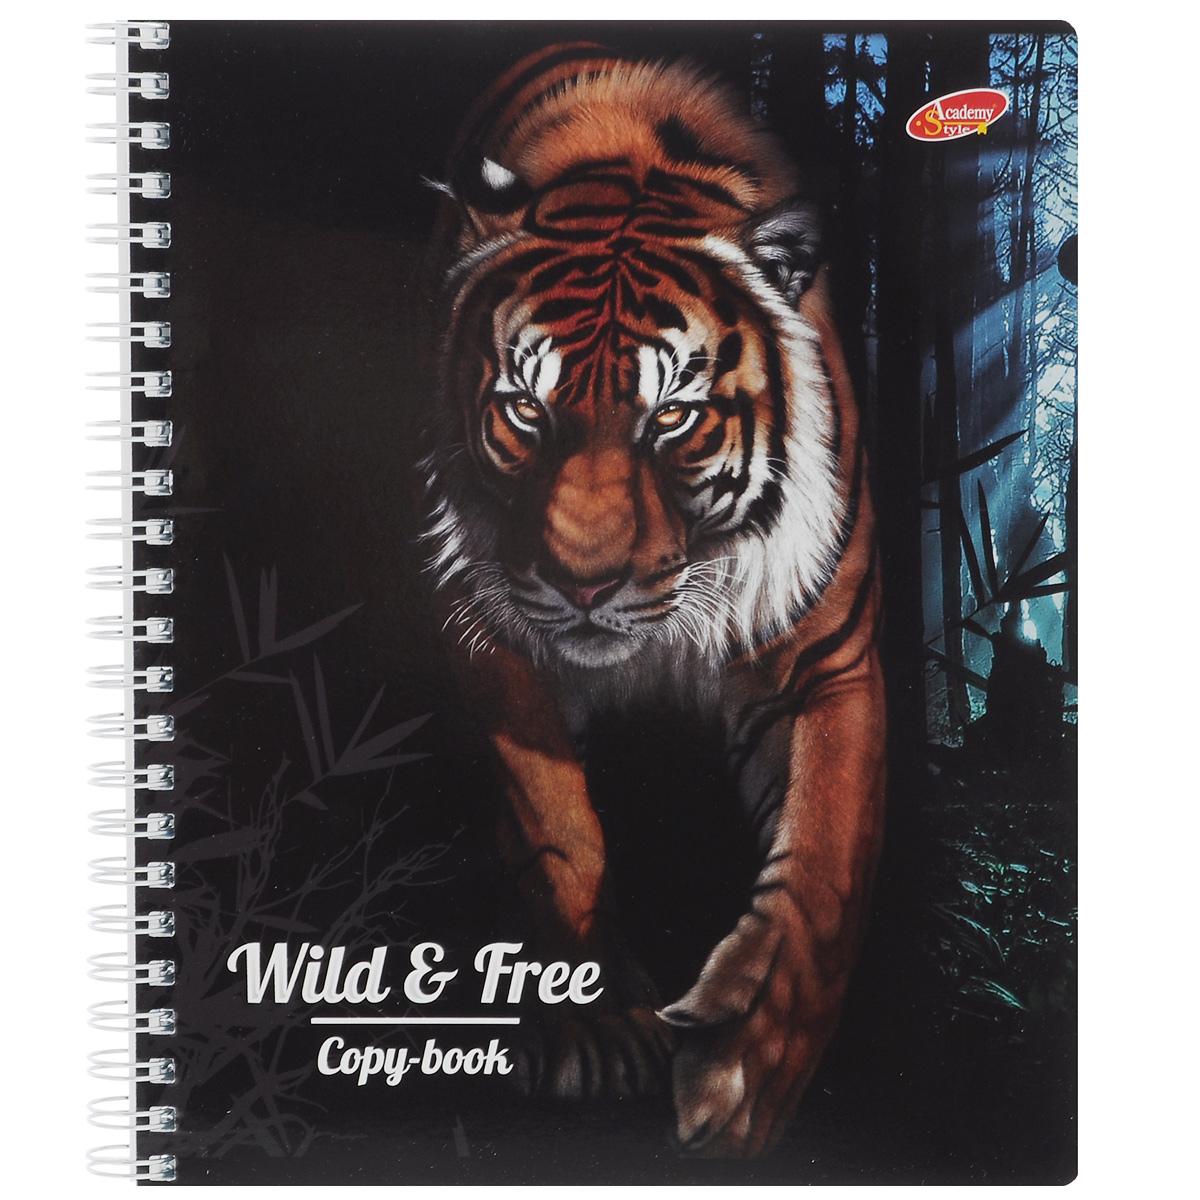 Тетрадь Wild & Free. Tiger, цвет: черный, 96 листов7168/3_ТигрТетрадь Wild & Free. Tiger с представителем дикой природы подойдет для любых работ и студенту, и школьнику. Обложка оформлена изображением тигра и выполнена из мелованного картона с закругленными углами. Внутренний блок тетради состоит из 96 листов бумаги на гребне белого цвета. Все листы расчерчены в клетку без полей.